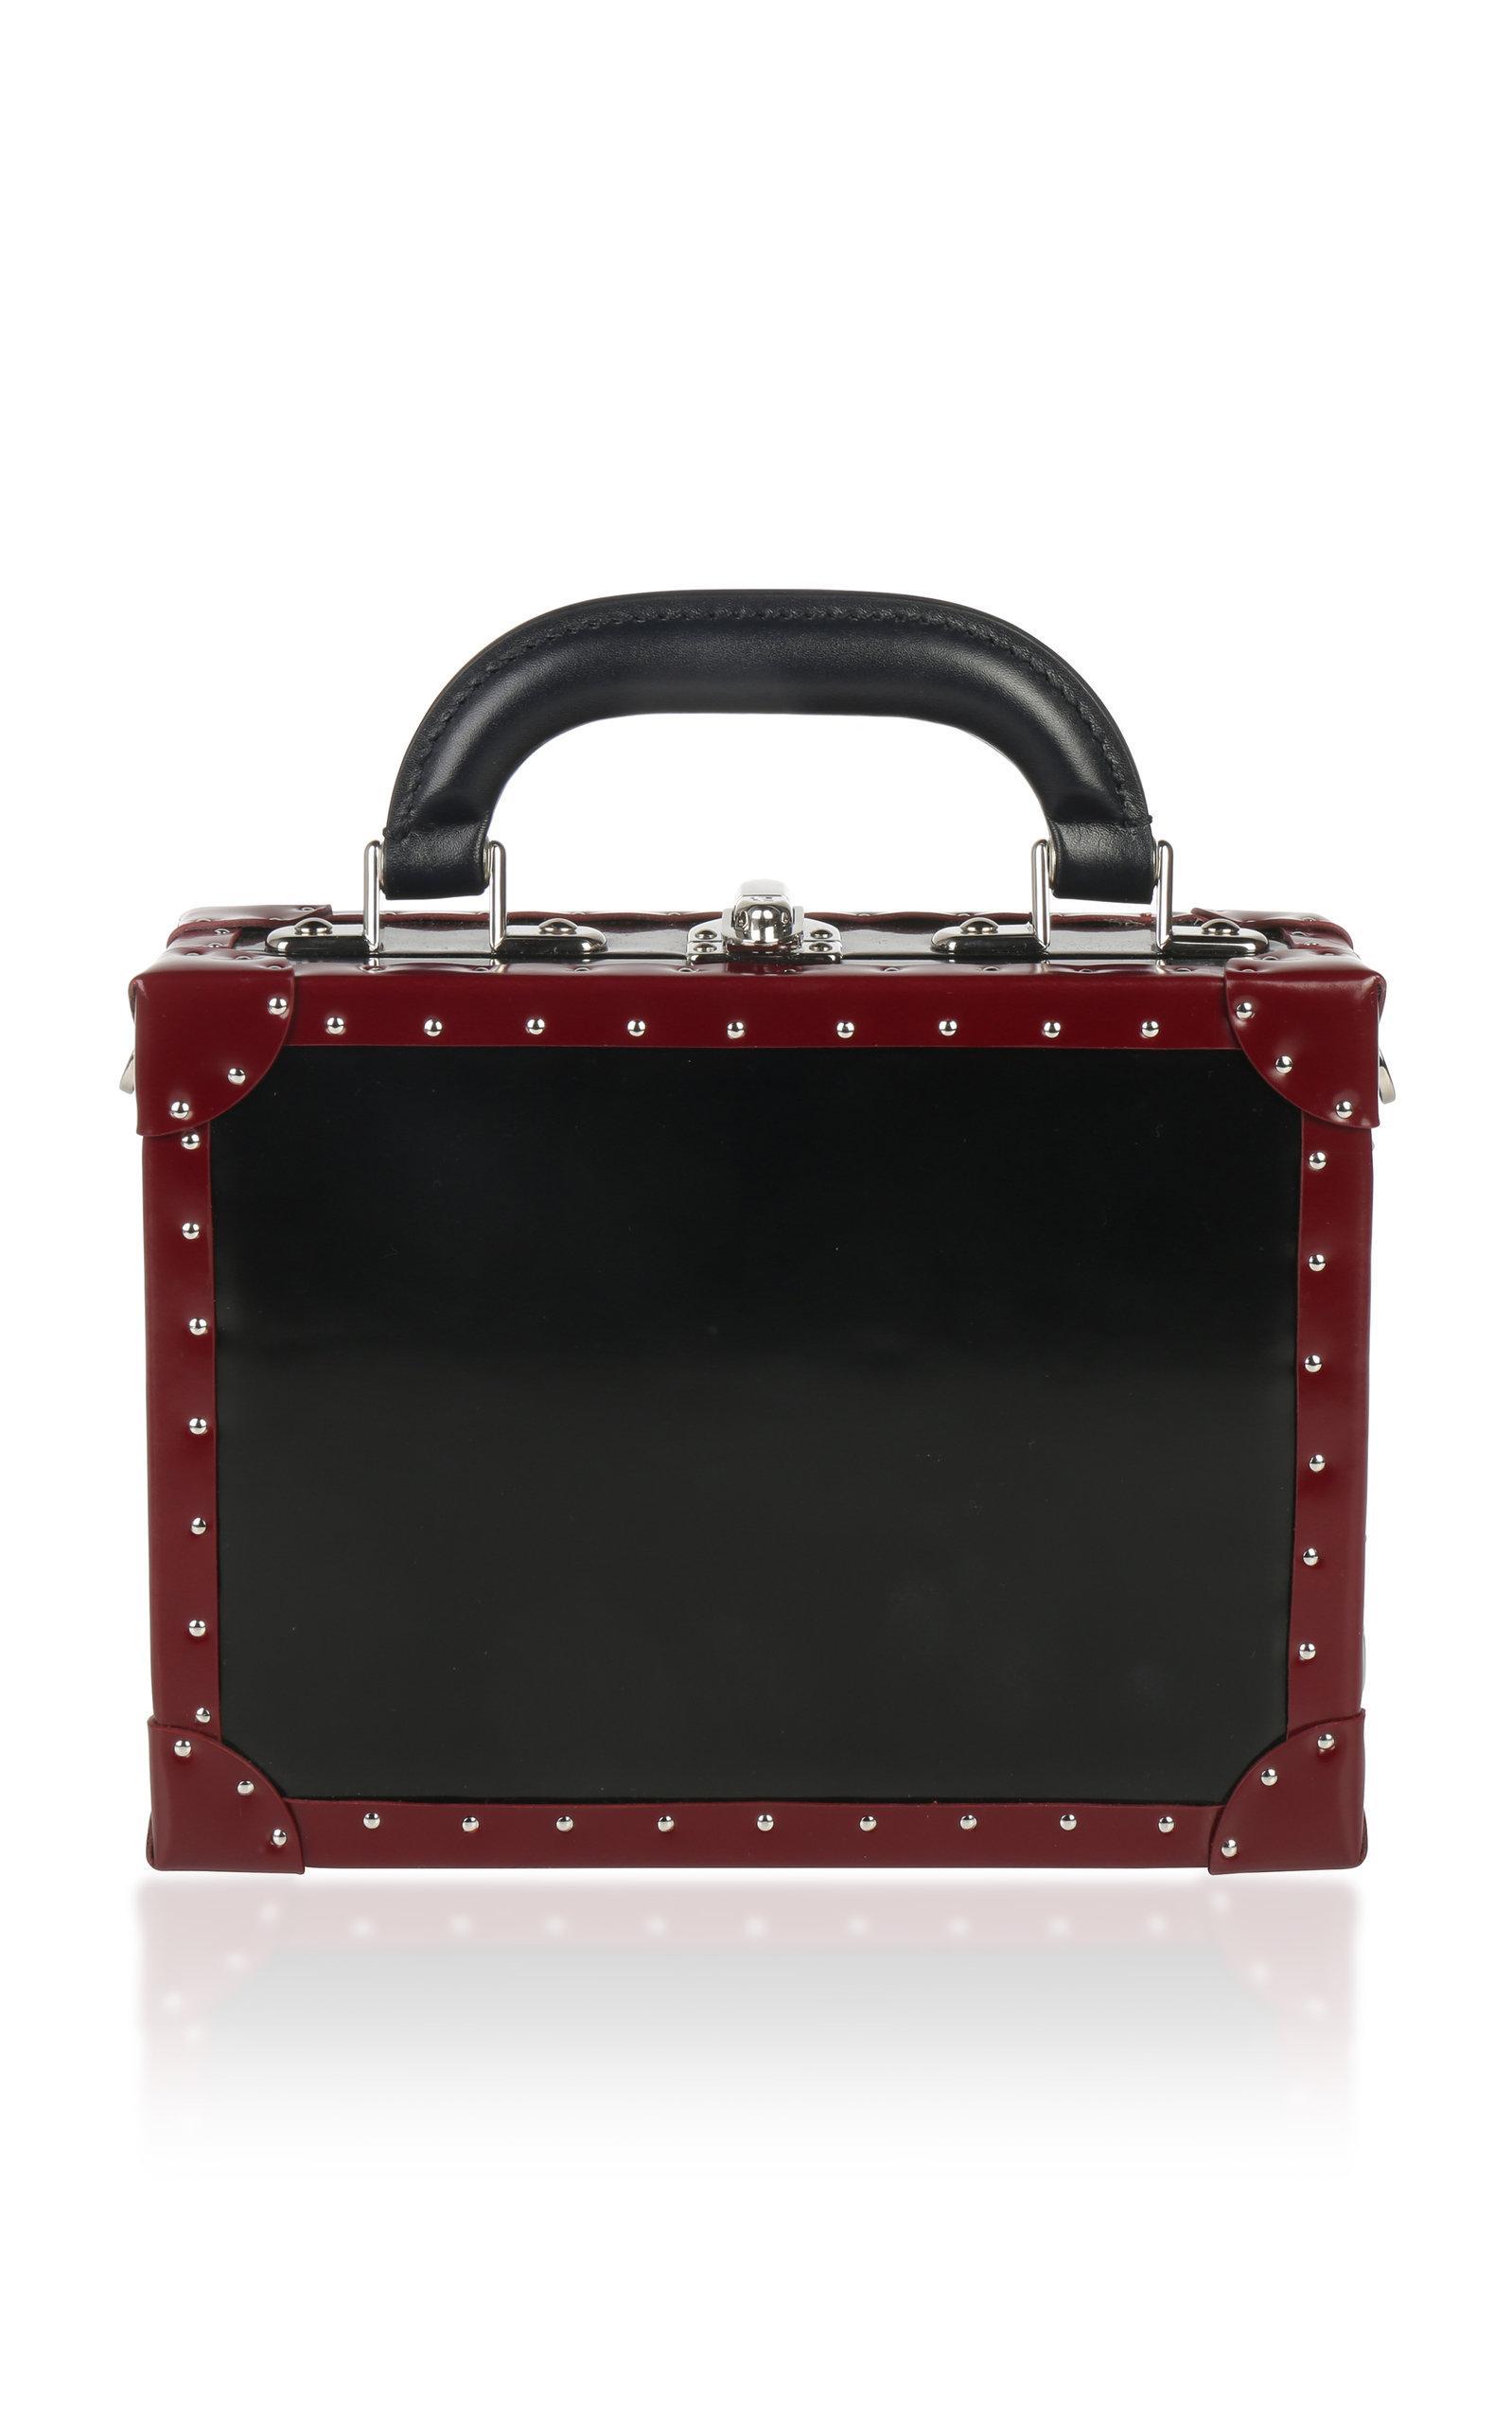 Bertoni 1949 1949 Bicolor Squared Bertoncina Bag In Black